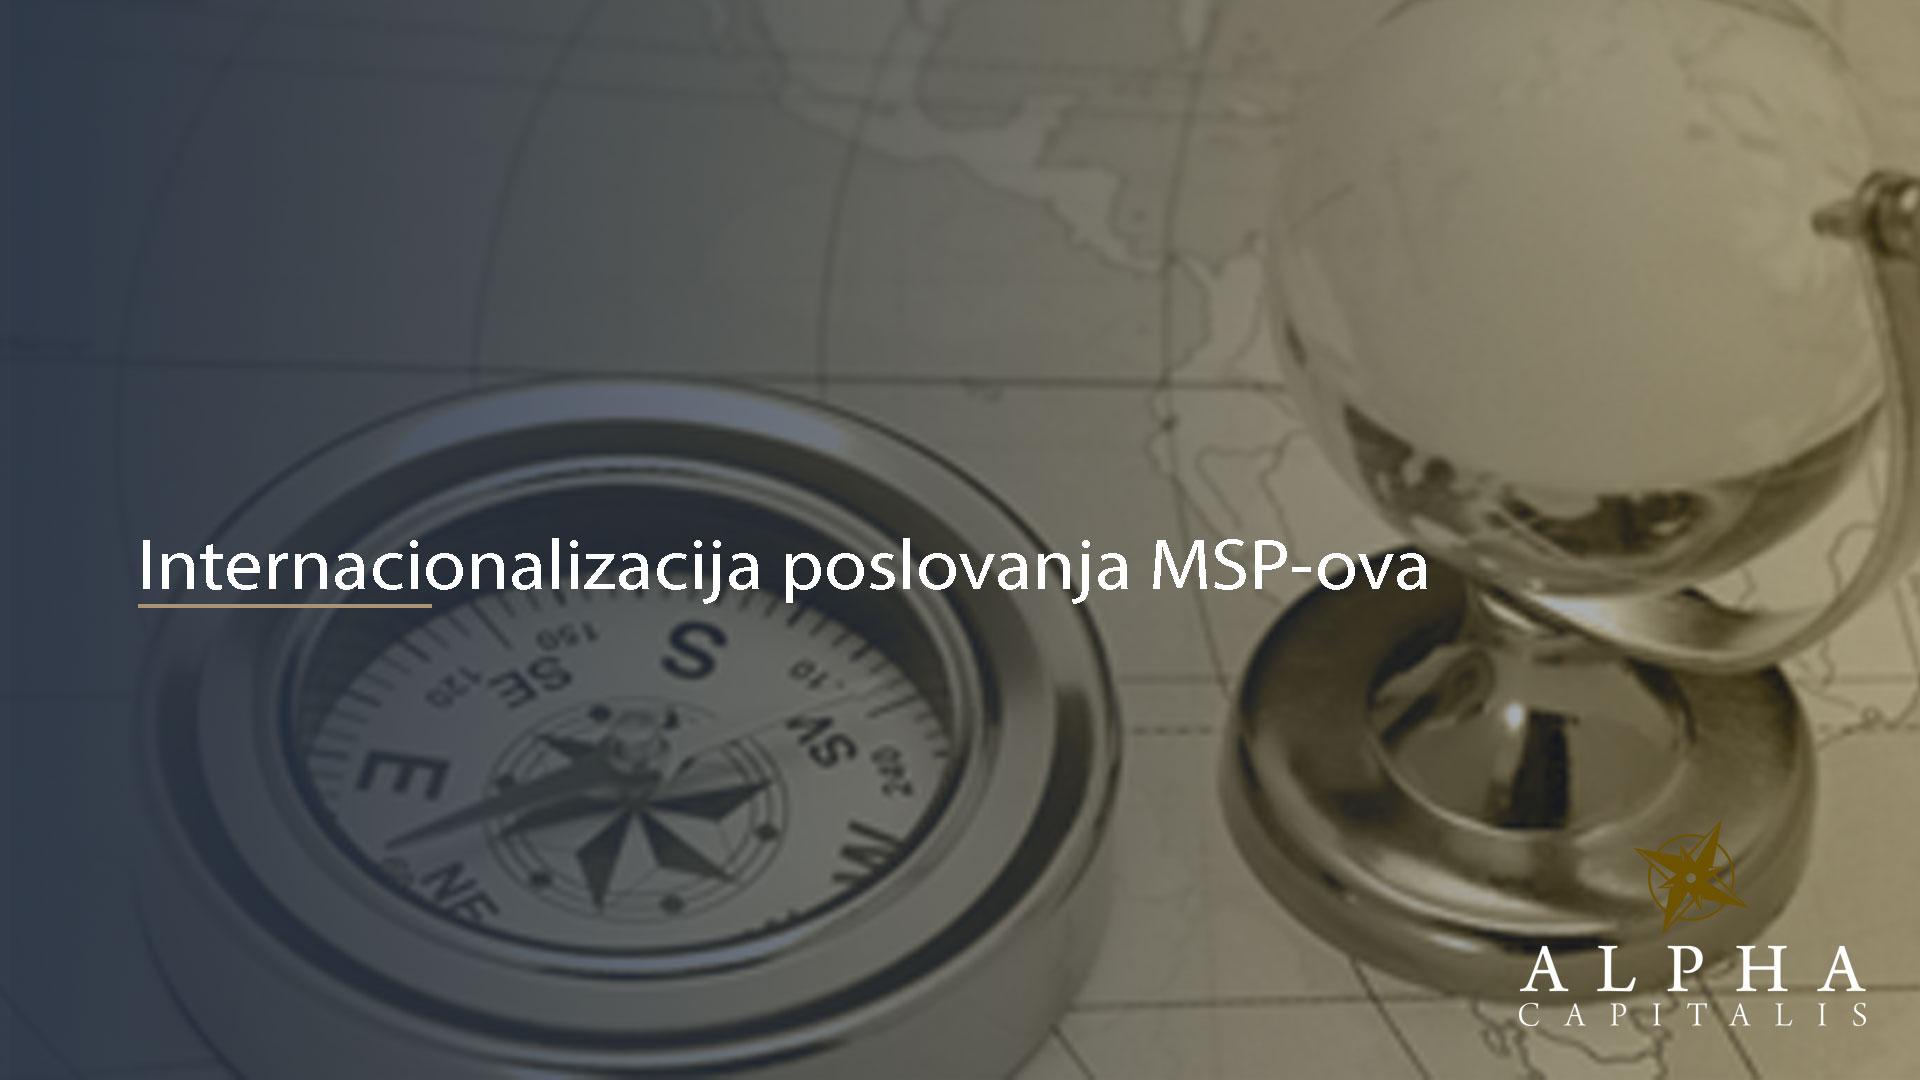 alpha-capitalis-Internacionalizacija-poslovanja-MSP-ova